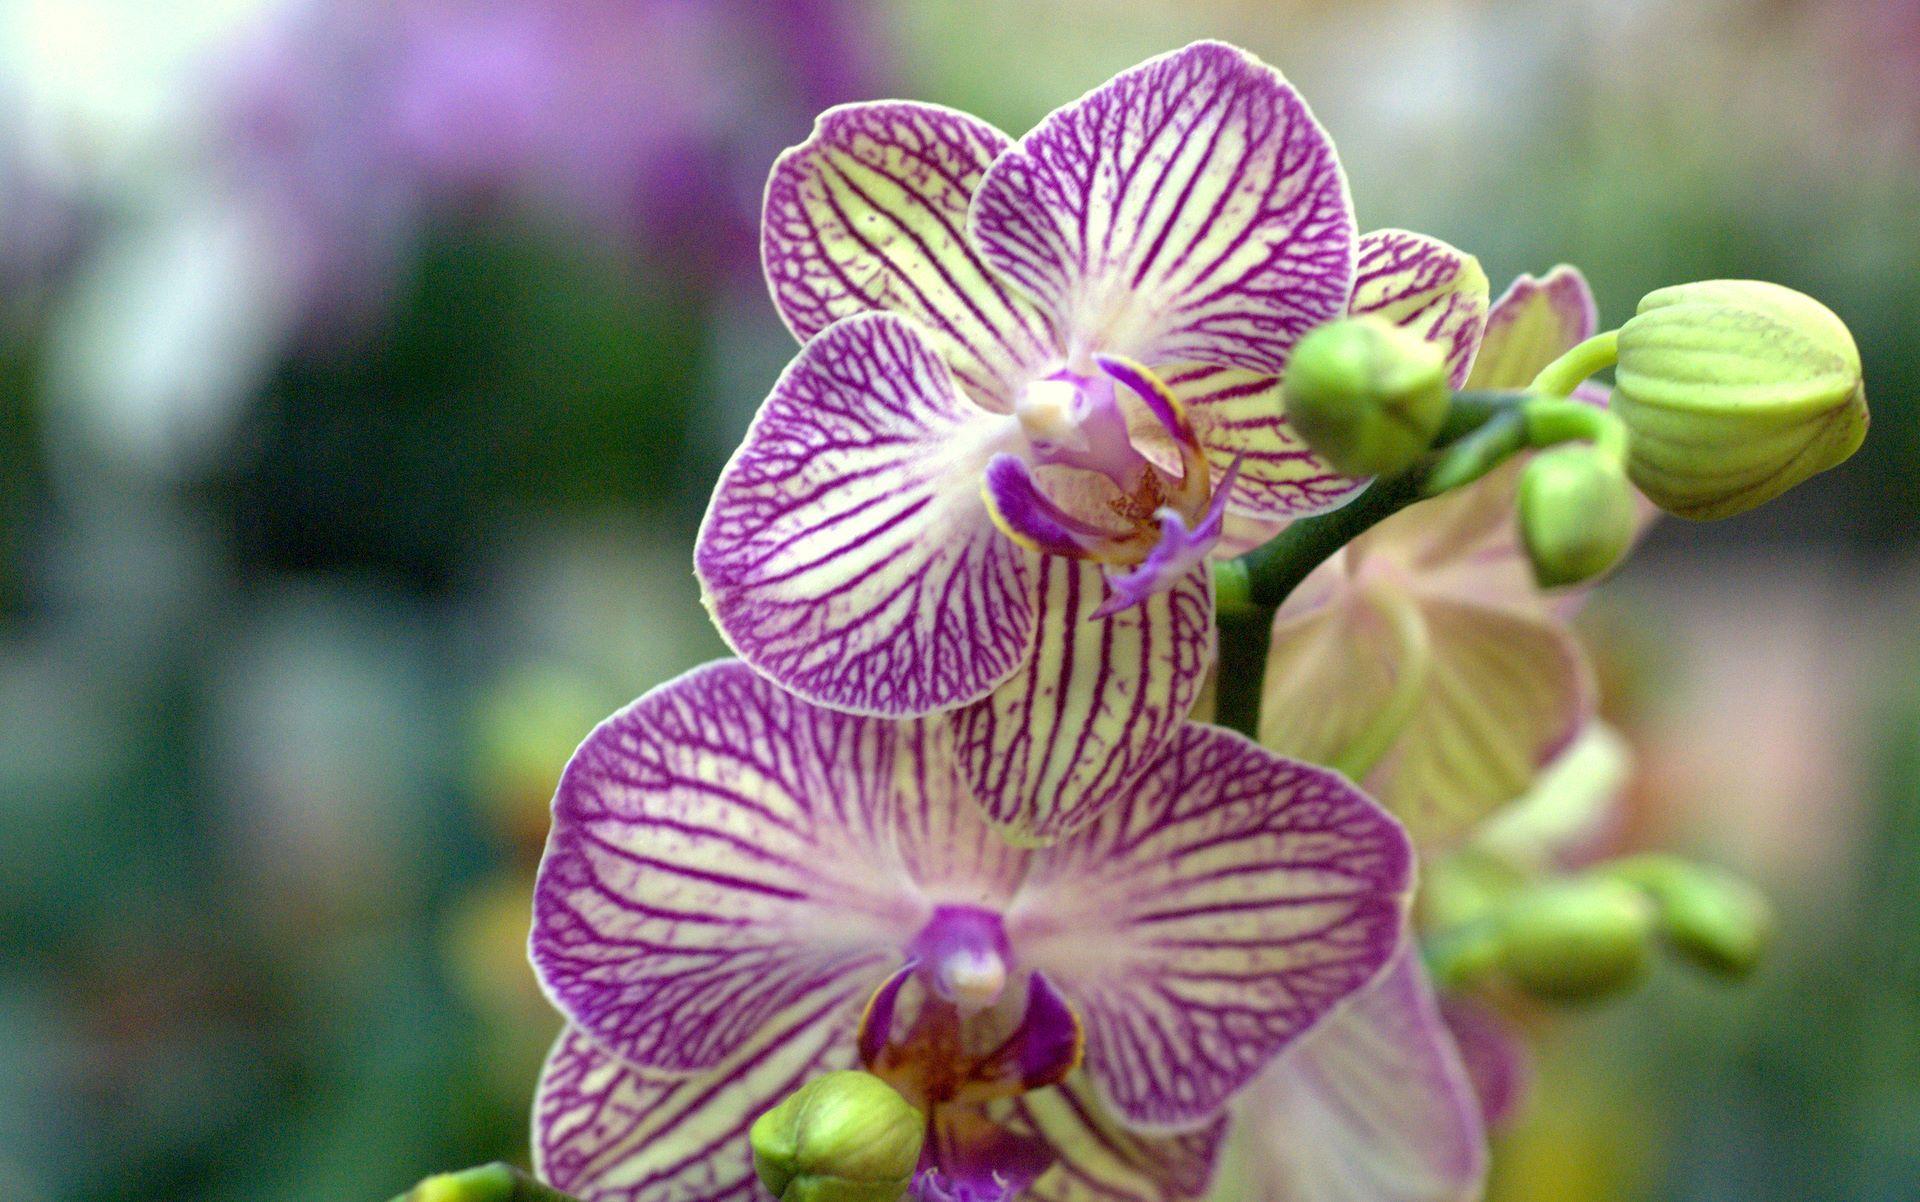 Hình nền hoa lan đẹp và độc đáo